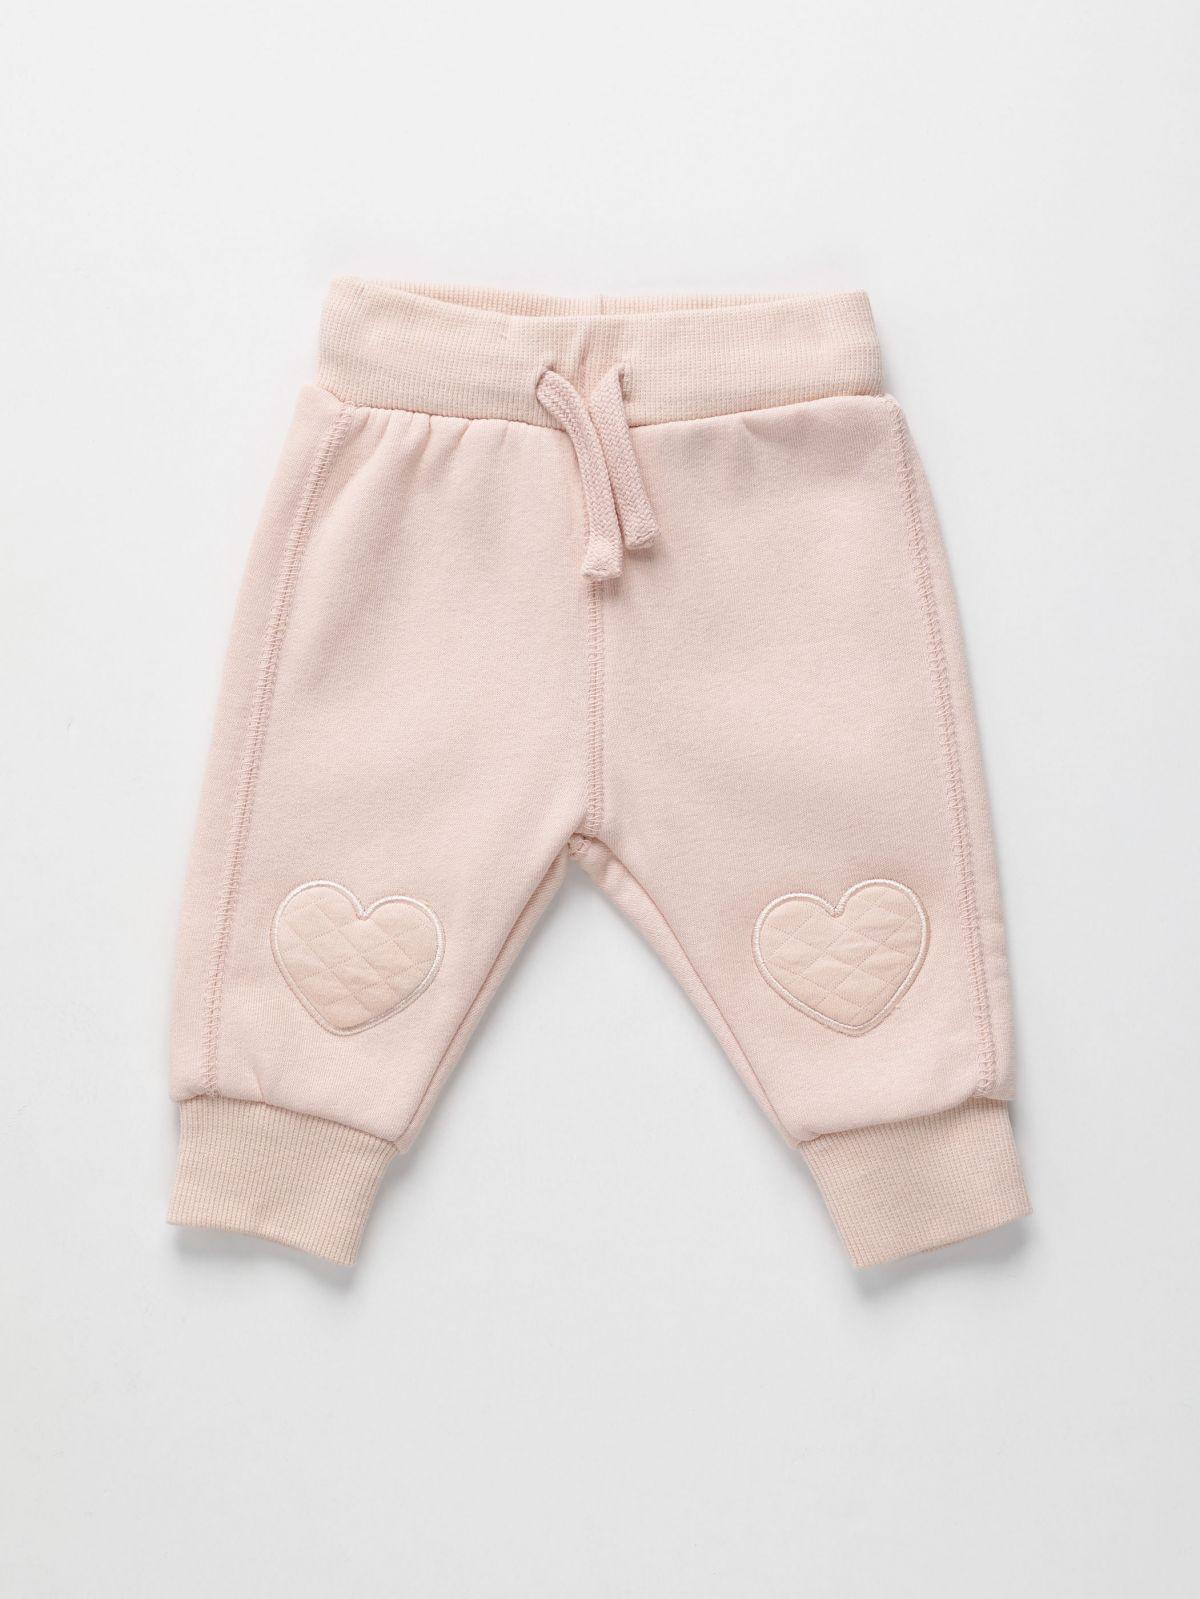 מכנסי טרנינג עם ברכיית לב / 0-3Yמכנסי טרנינג עם ברכיית לב / 0-3Y של FOX